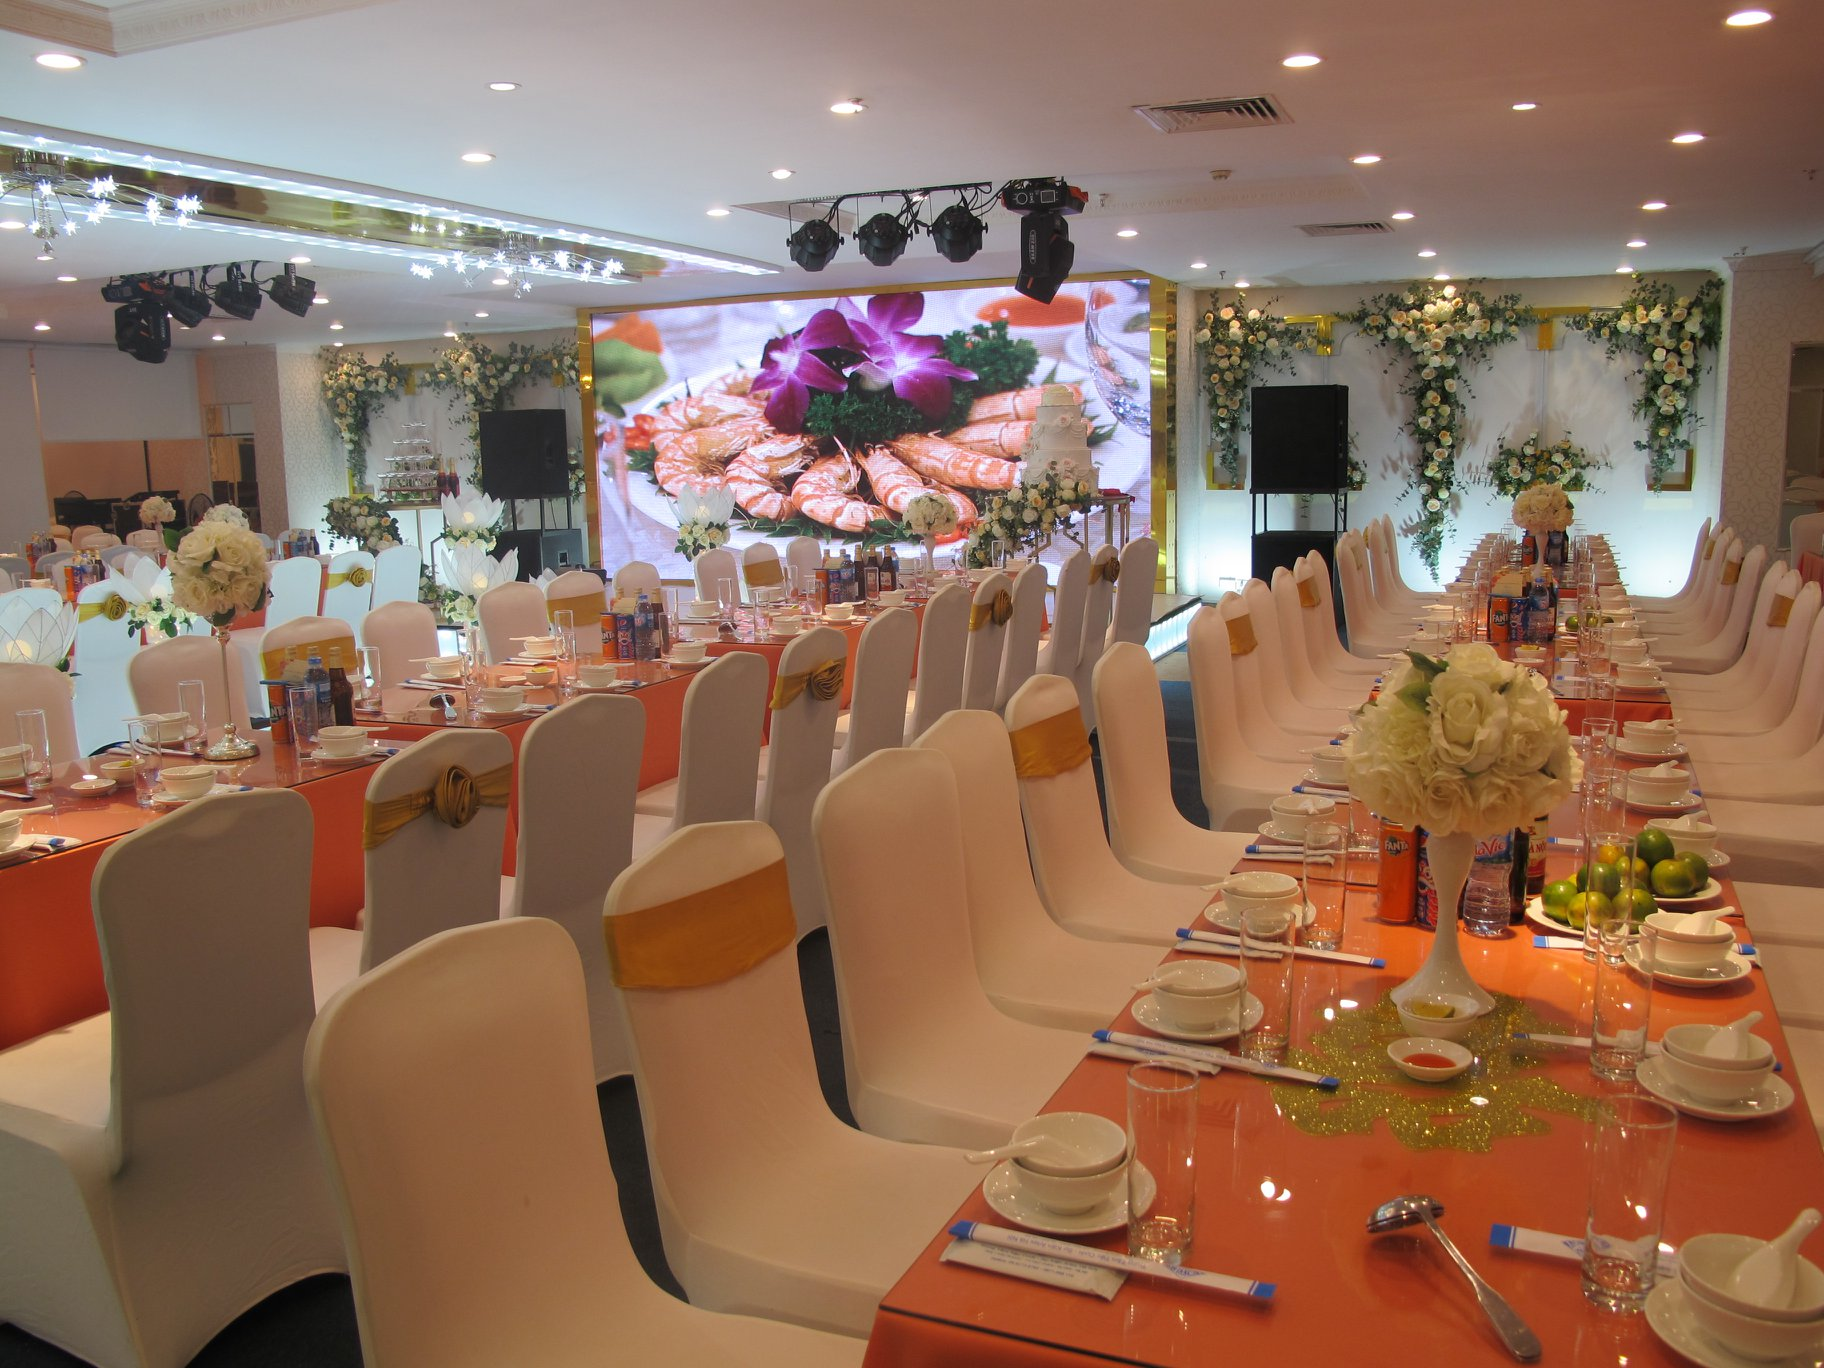 Hội thảo, hội nghị được tổ chức tại Trung tâm sự kiện Artex